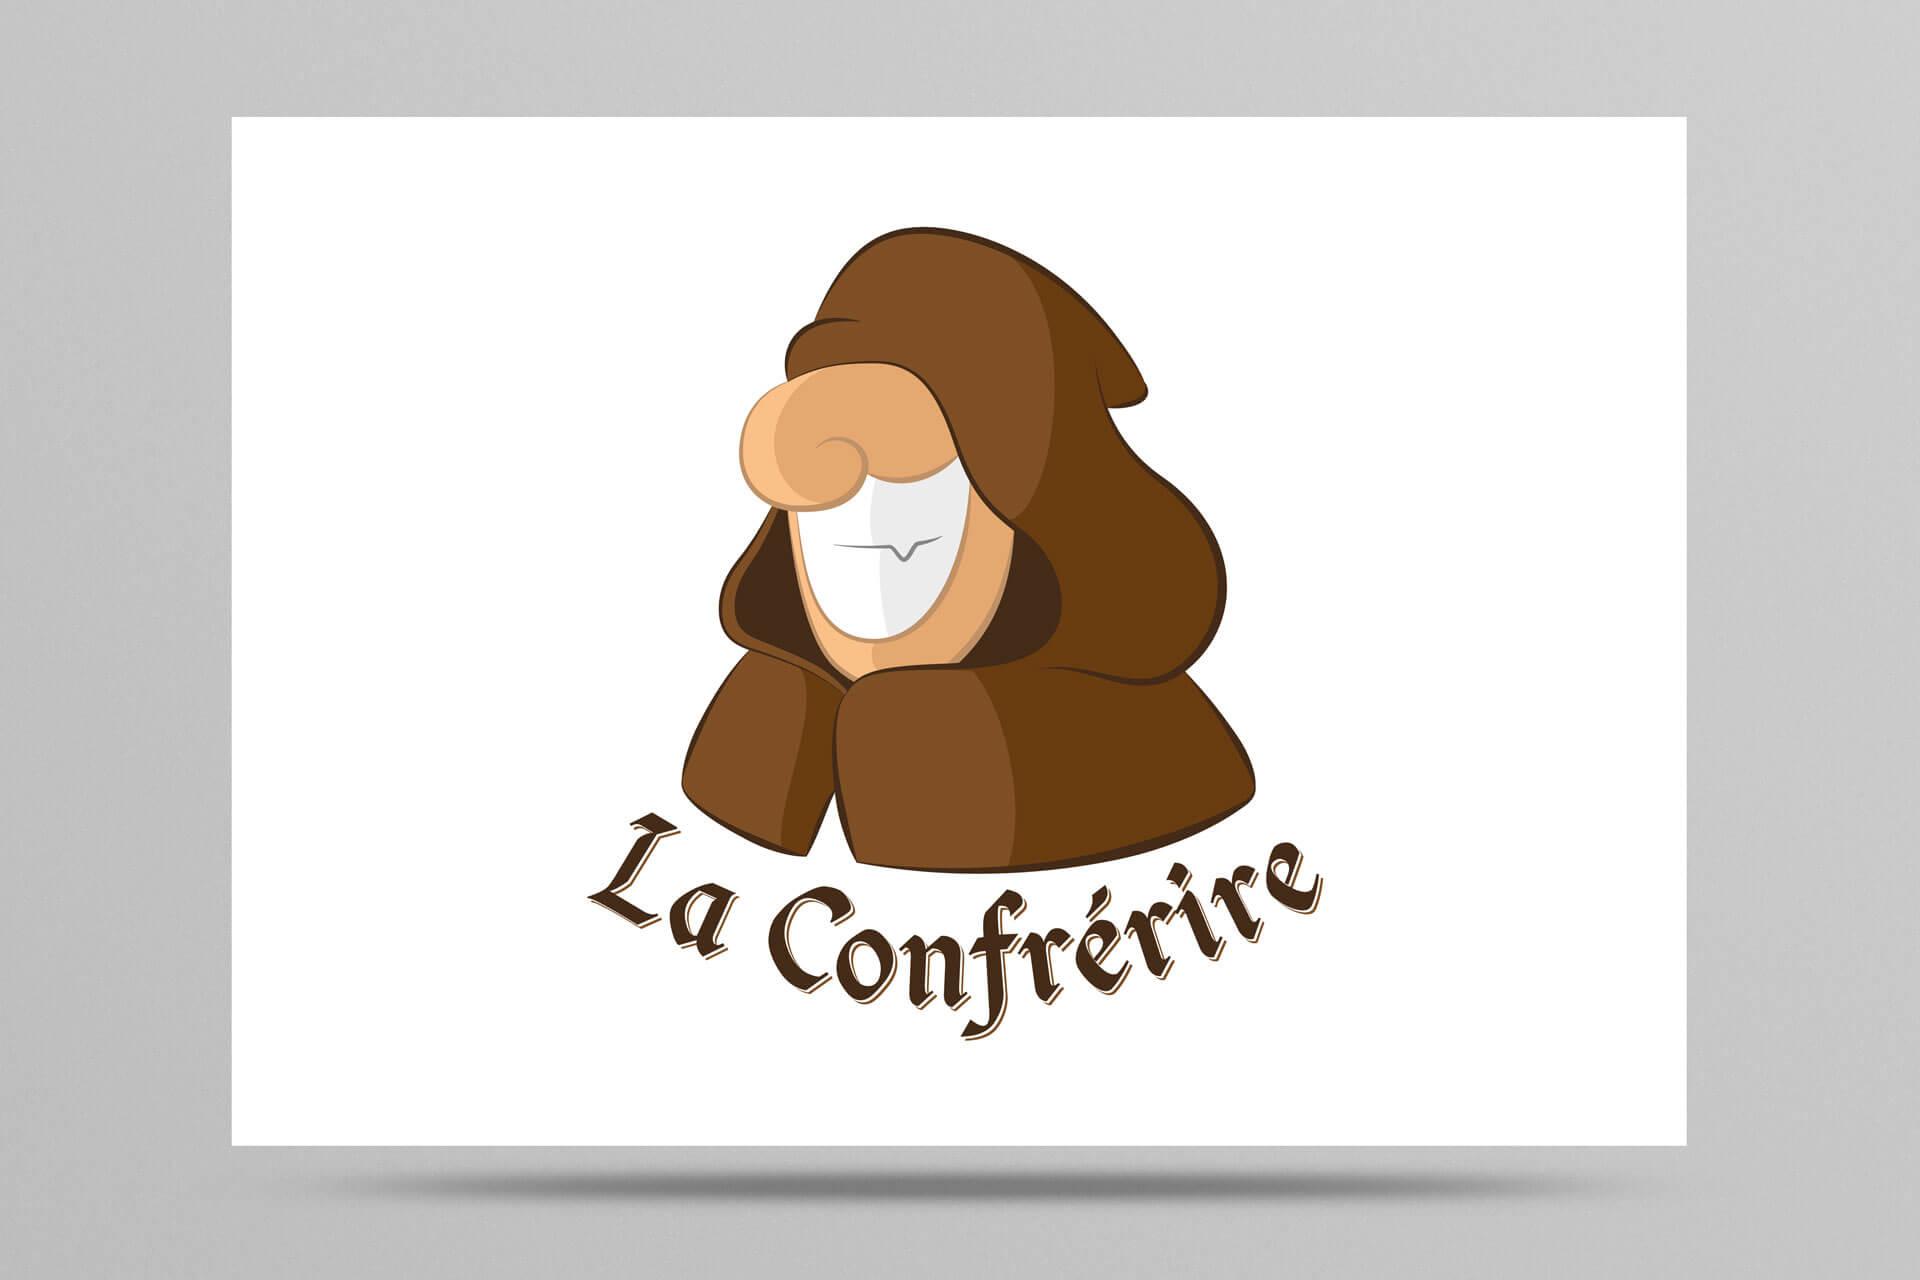 La Confrerire Logo 0